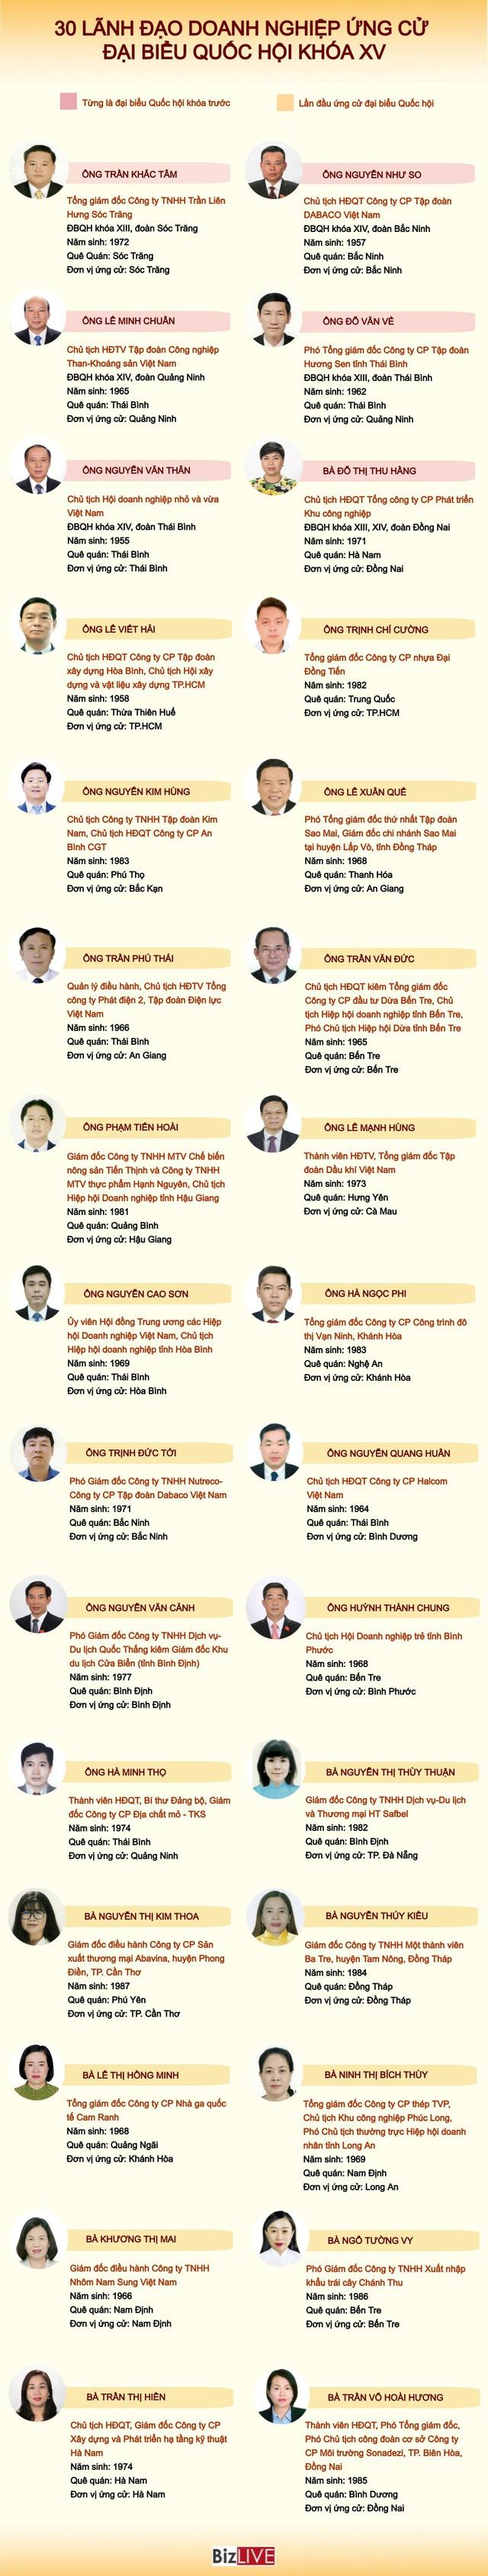 [Infographic] 30 lãnh đạo doanh nghiệp ứng cử đại biểu Quốc hội khóa XV - Ảnh 2.